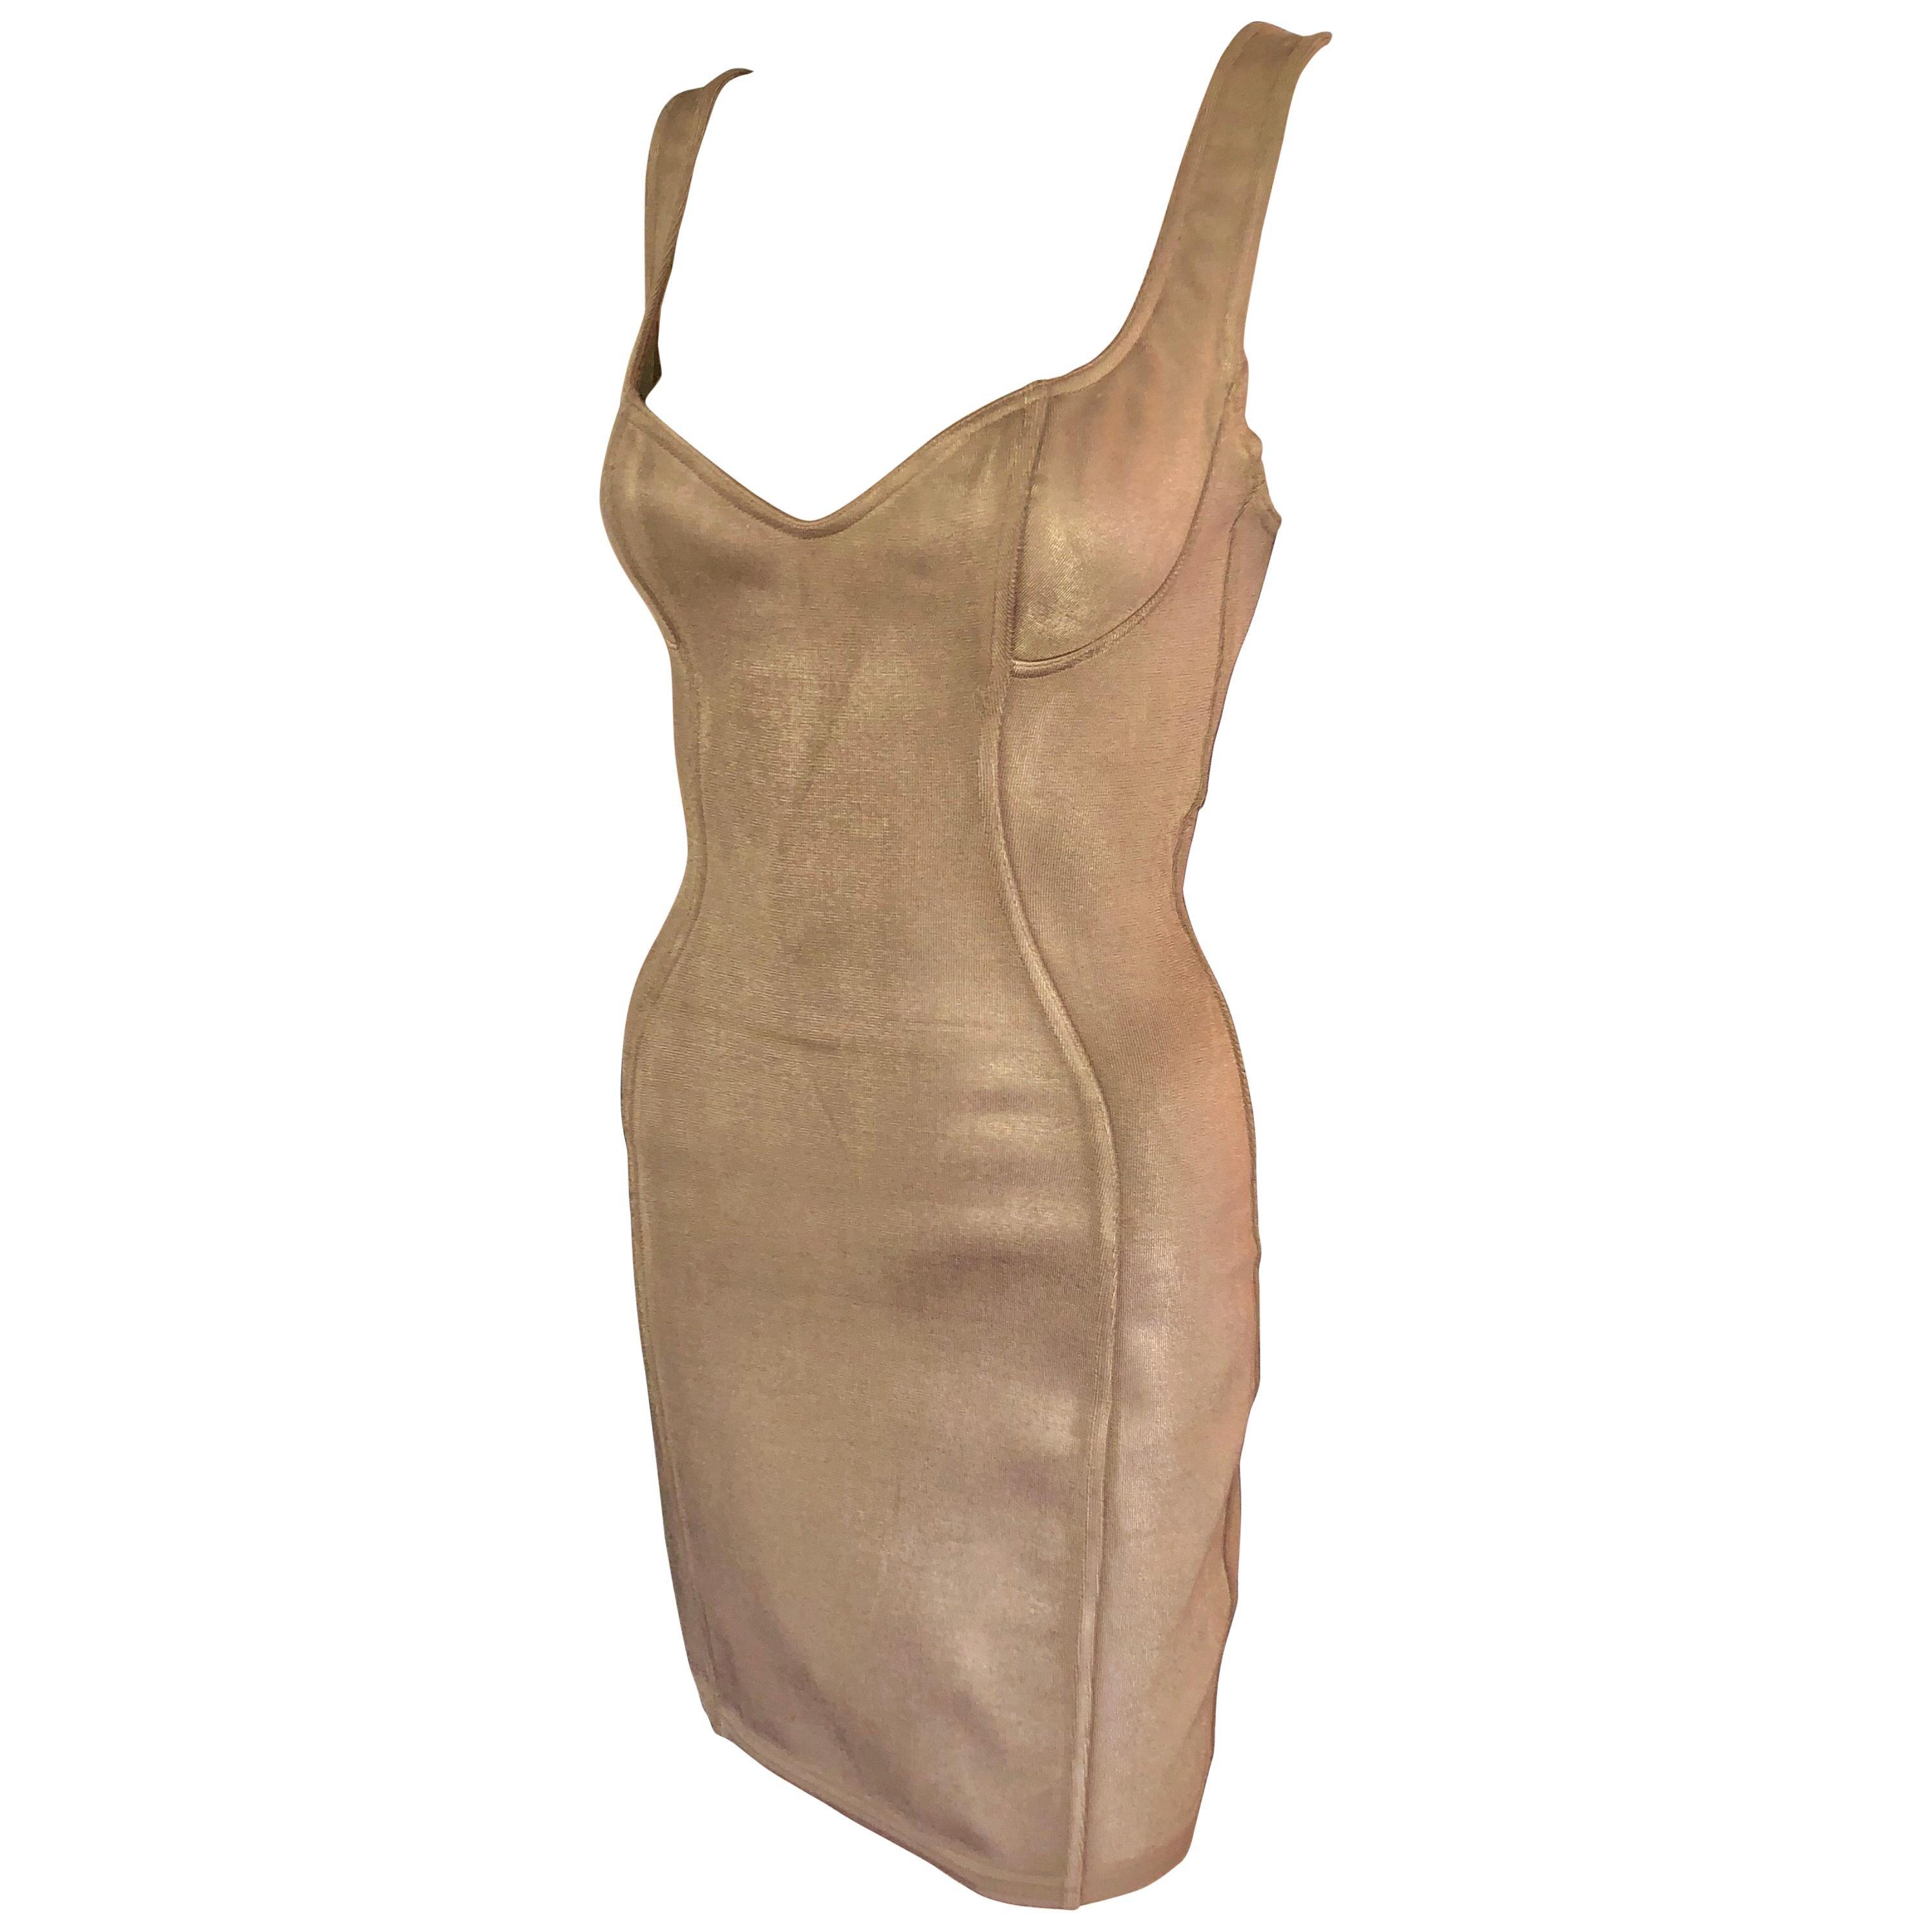 Azzedine Alaia S/S 1991 Vintage Bustier Bodycon Mini Dress